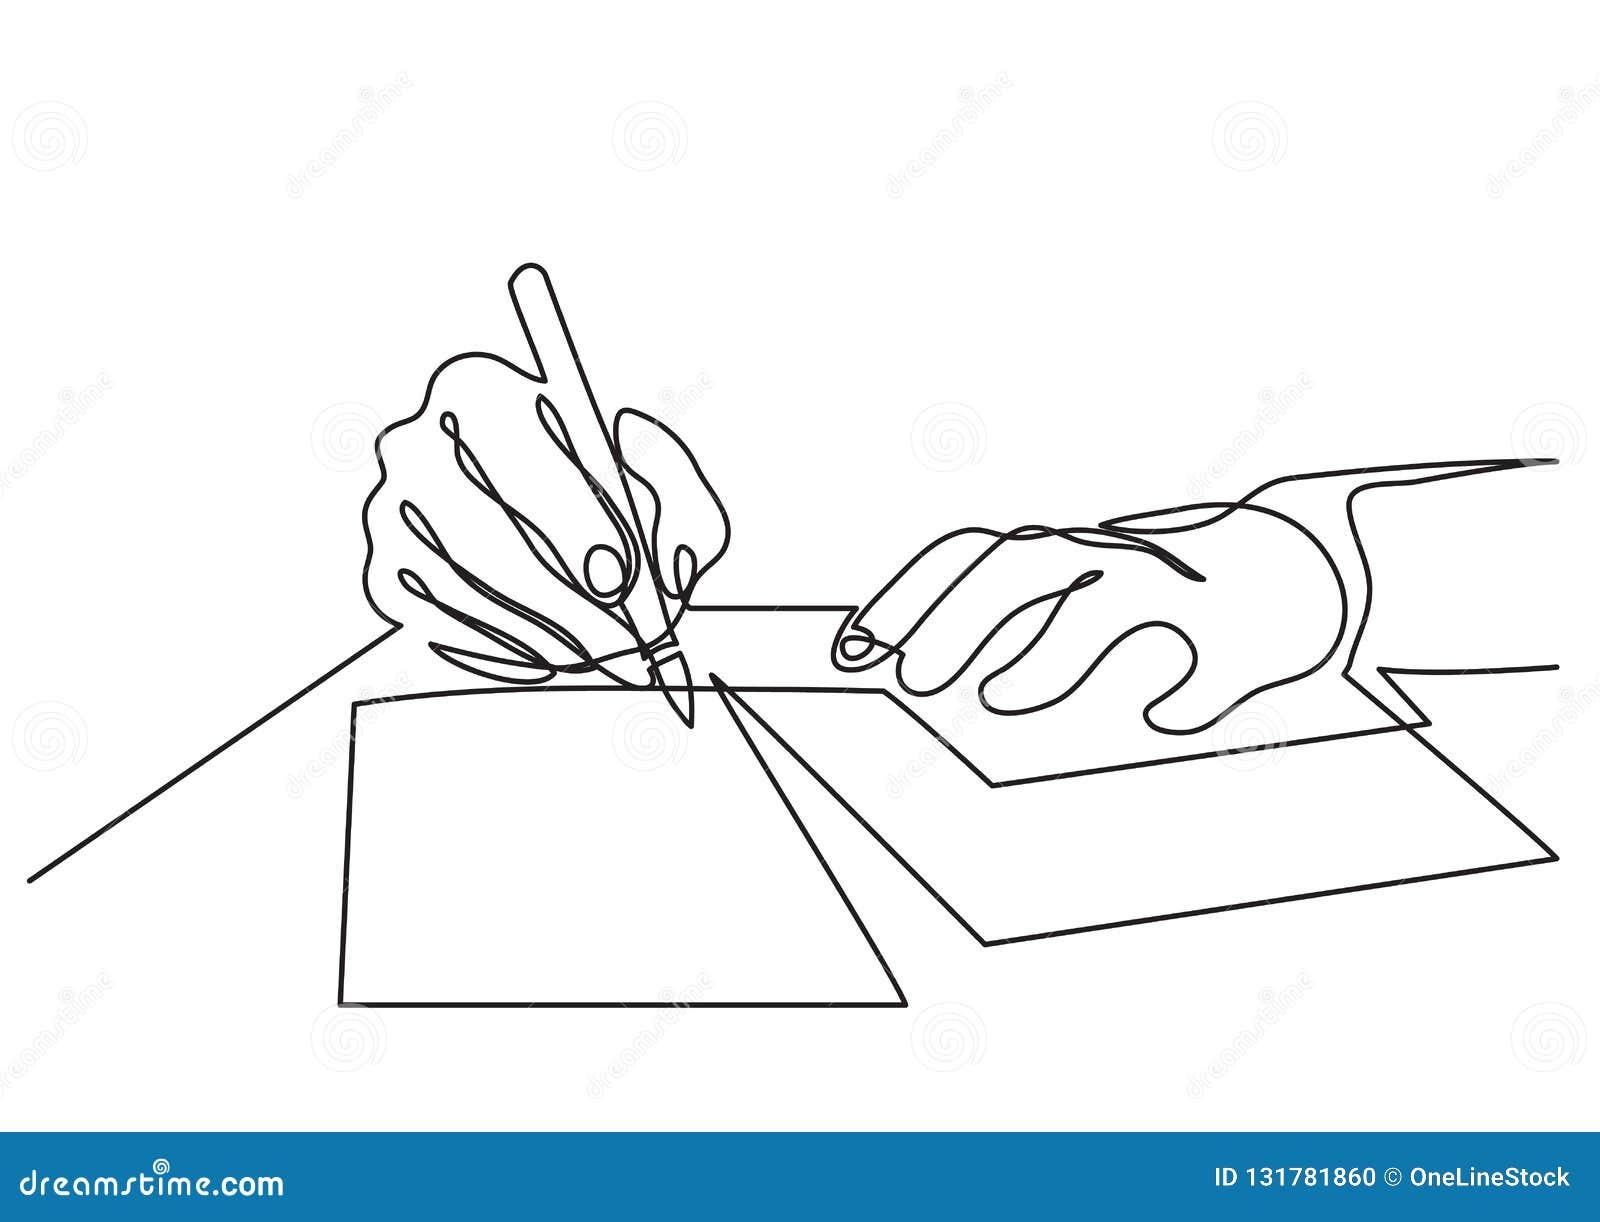 Ciągły kreskowy rysunek ręki pisze liście